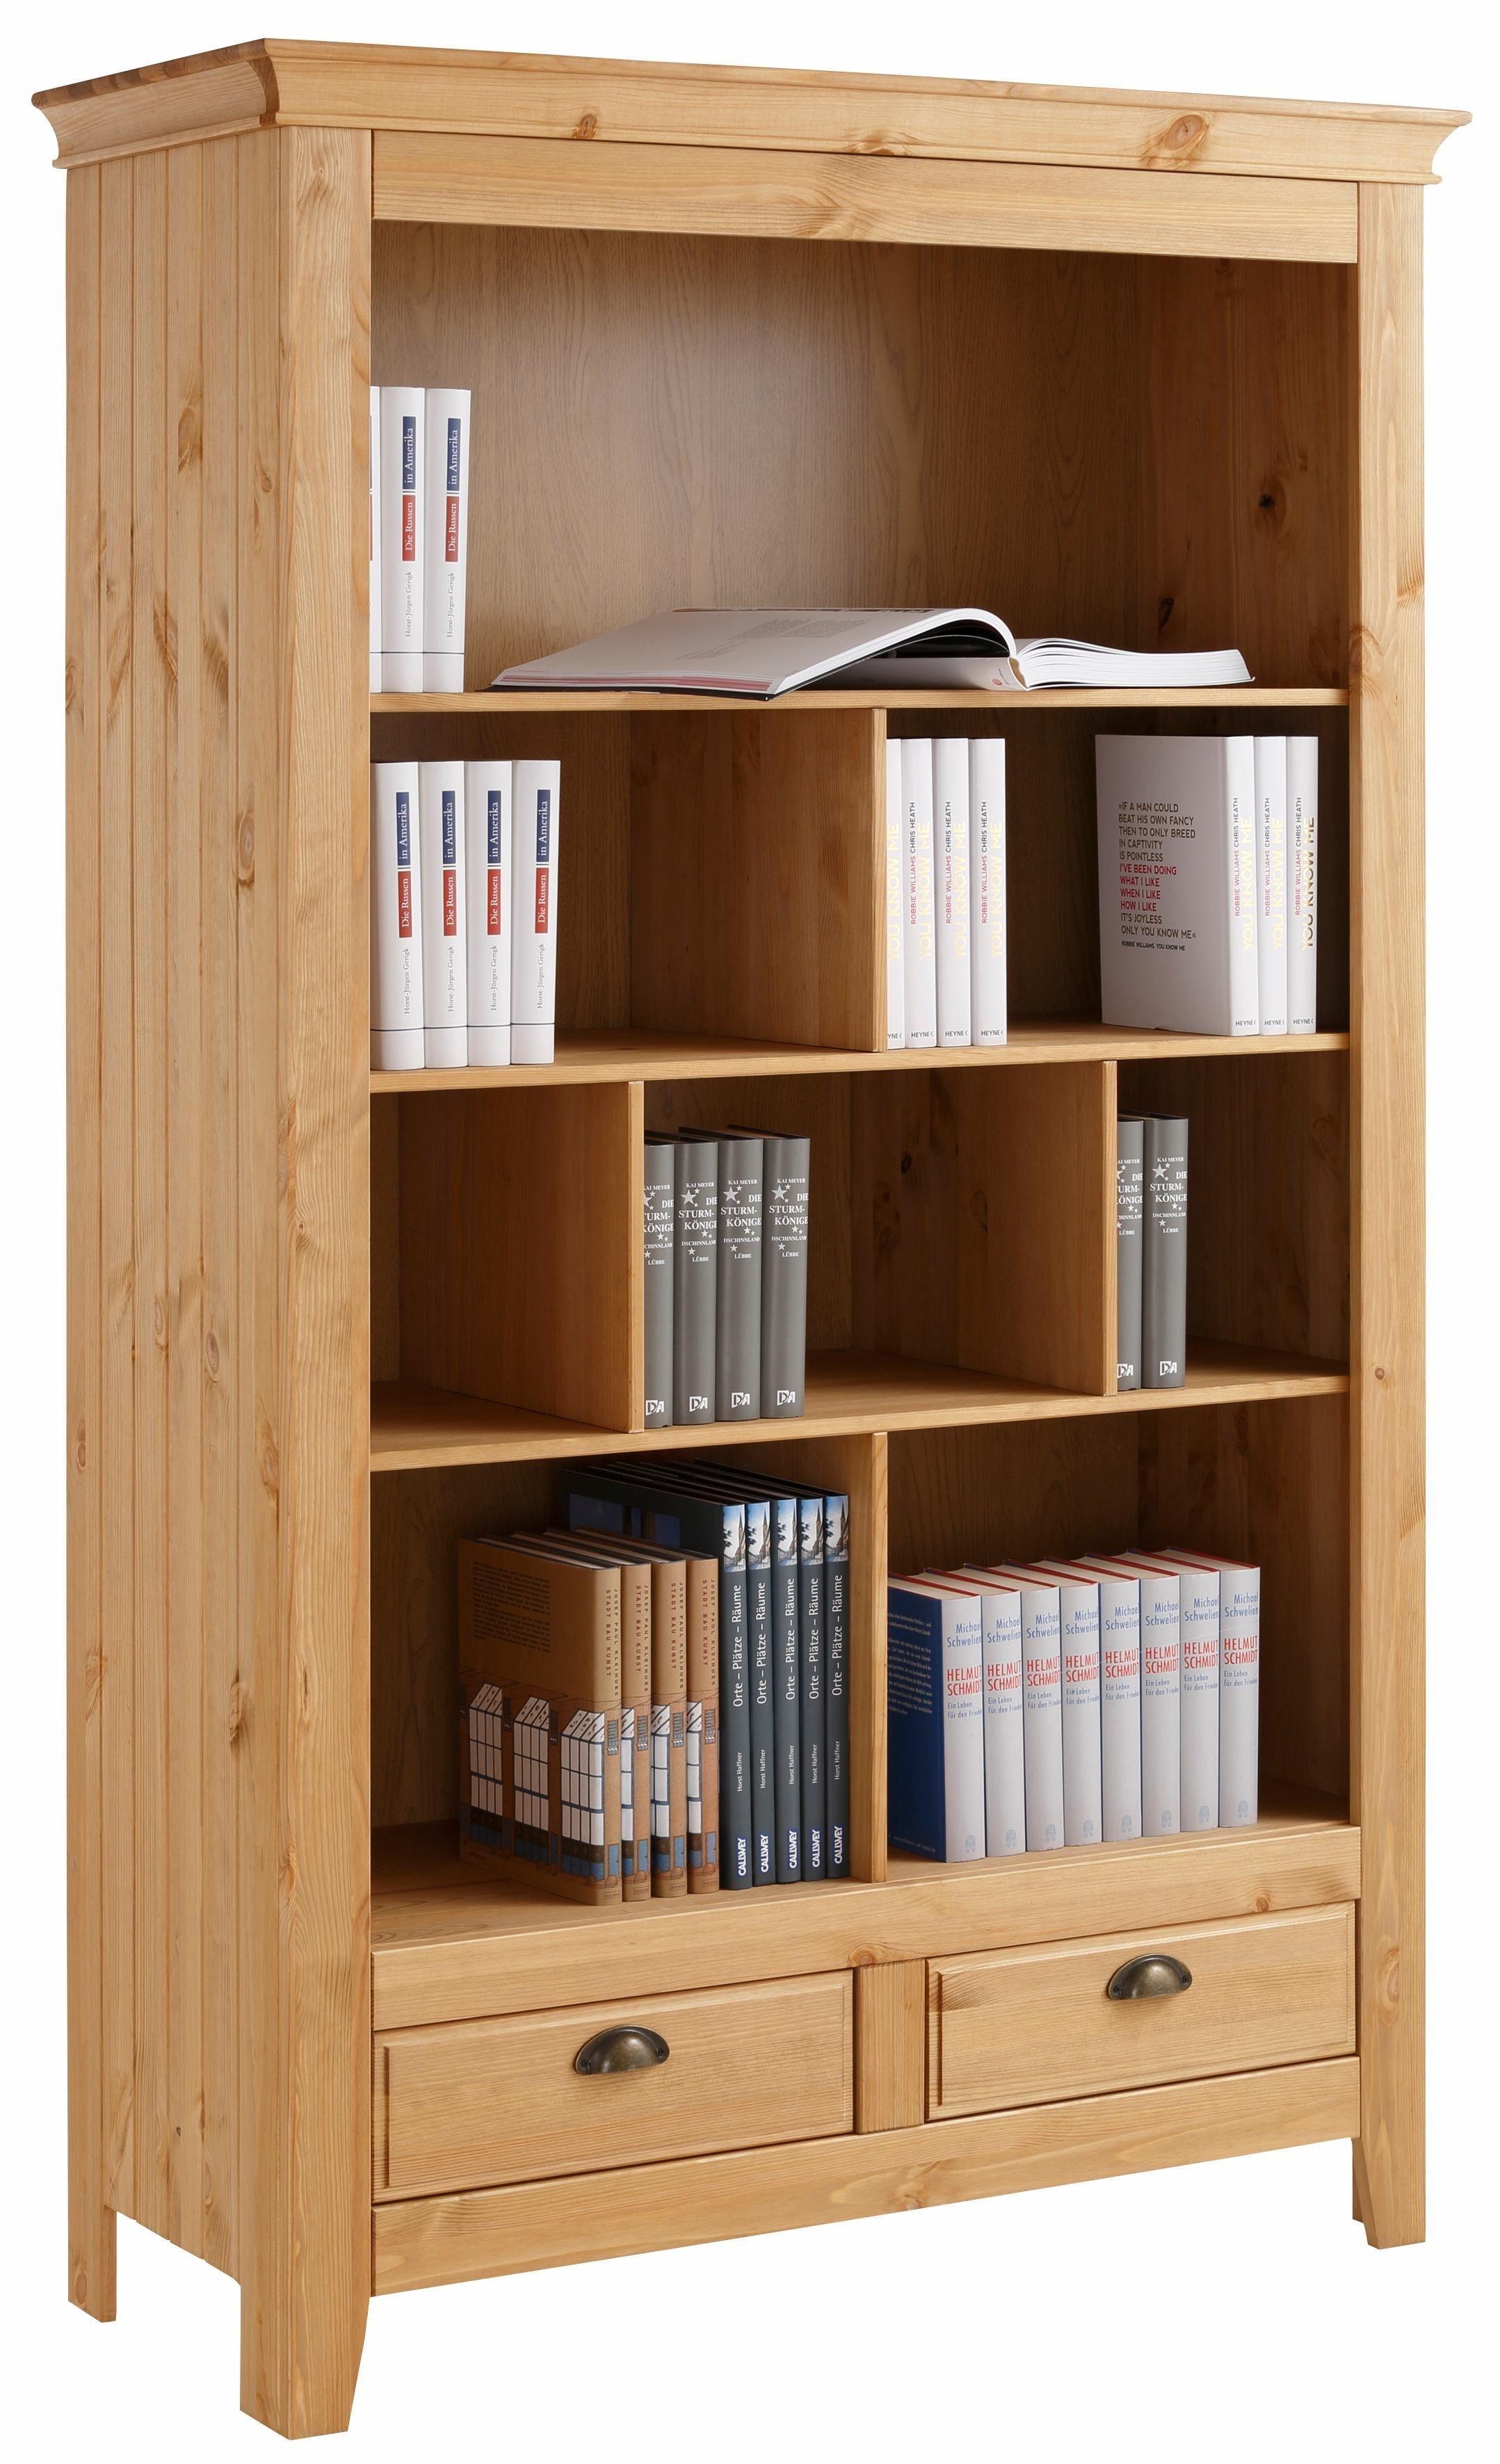 grau-buche Bücherregale online kaufen | Möbel-Suchmaschine ...